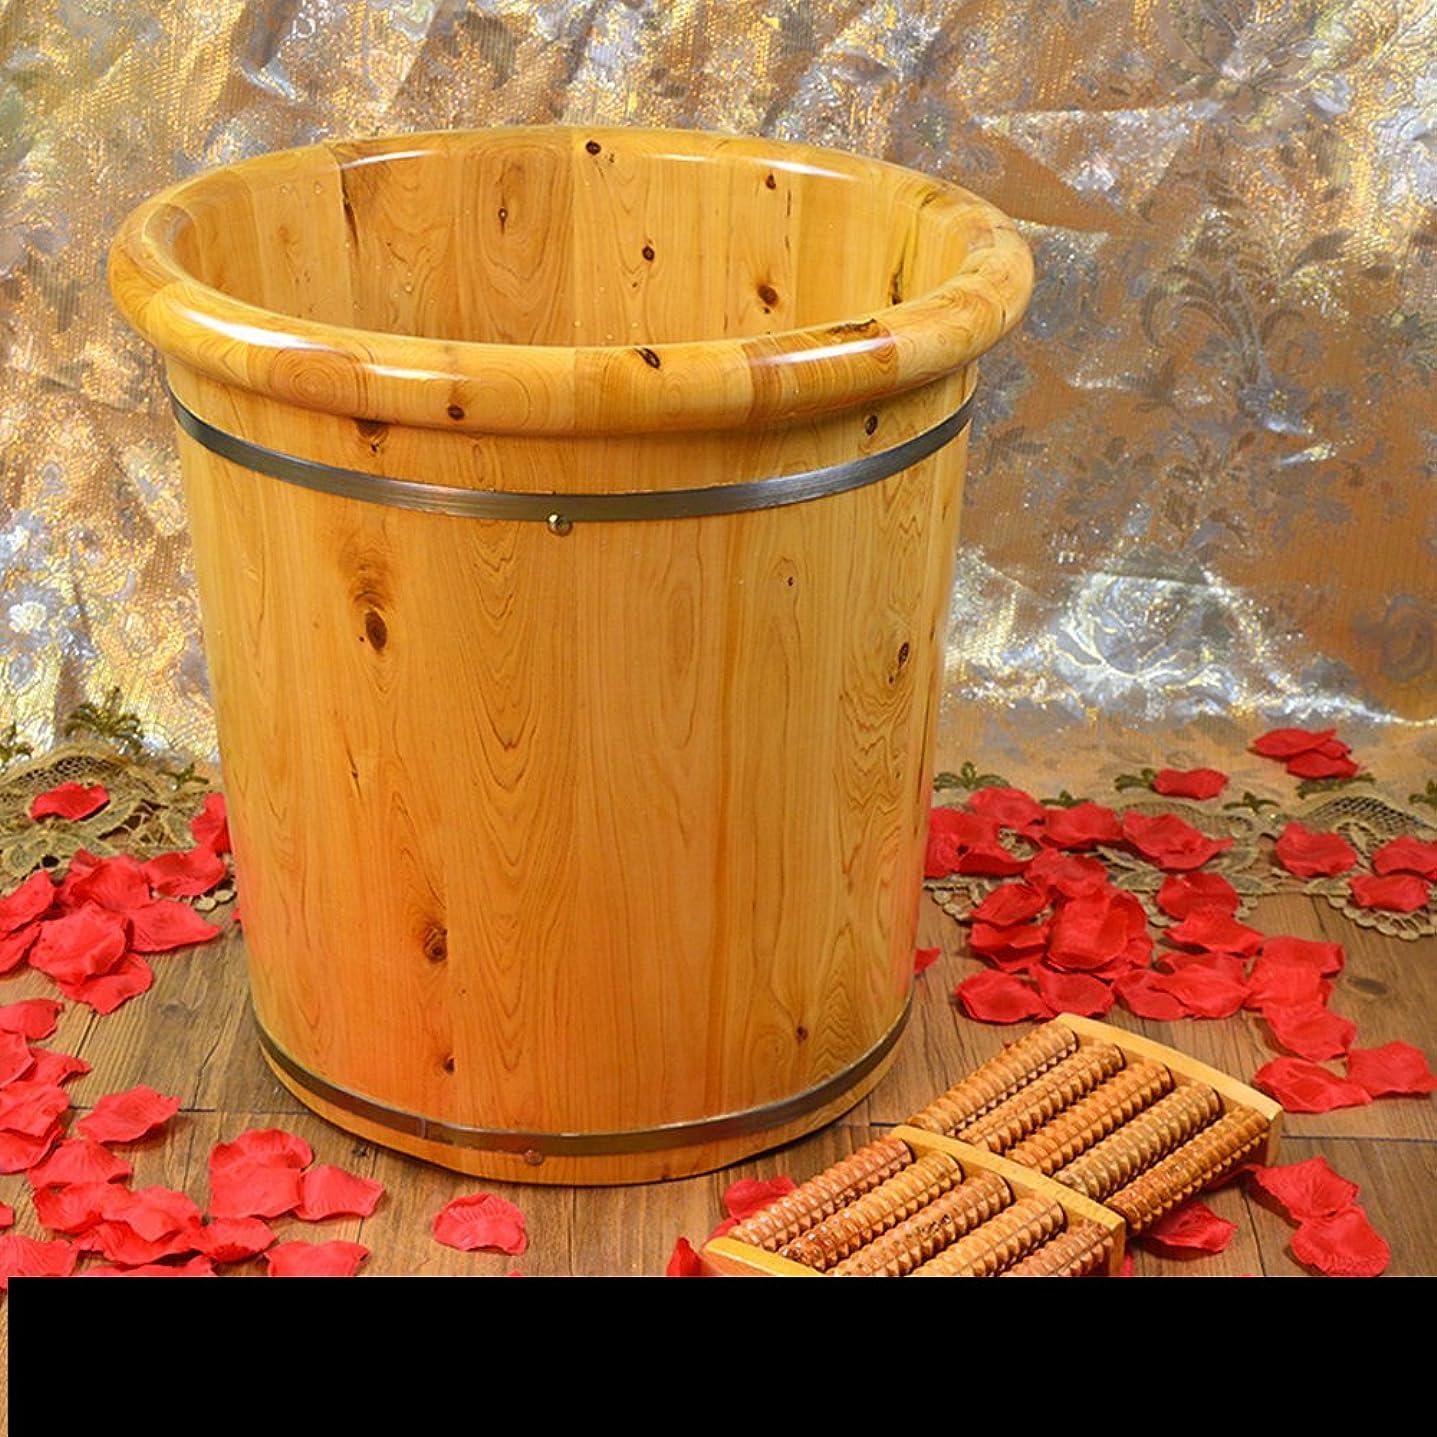 歴史的ブルゴーニュキャリア足浴桶 足の浴槽、木製の足の盆地足のバレルの足の足のマッサージの足の盆カバーの足の桶